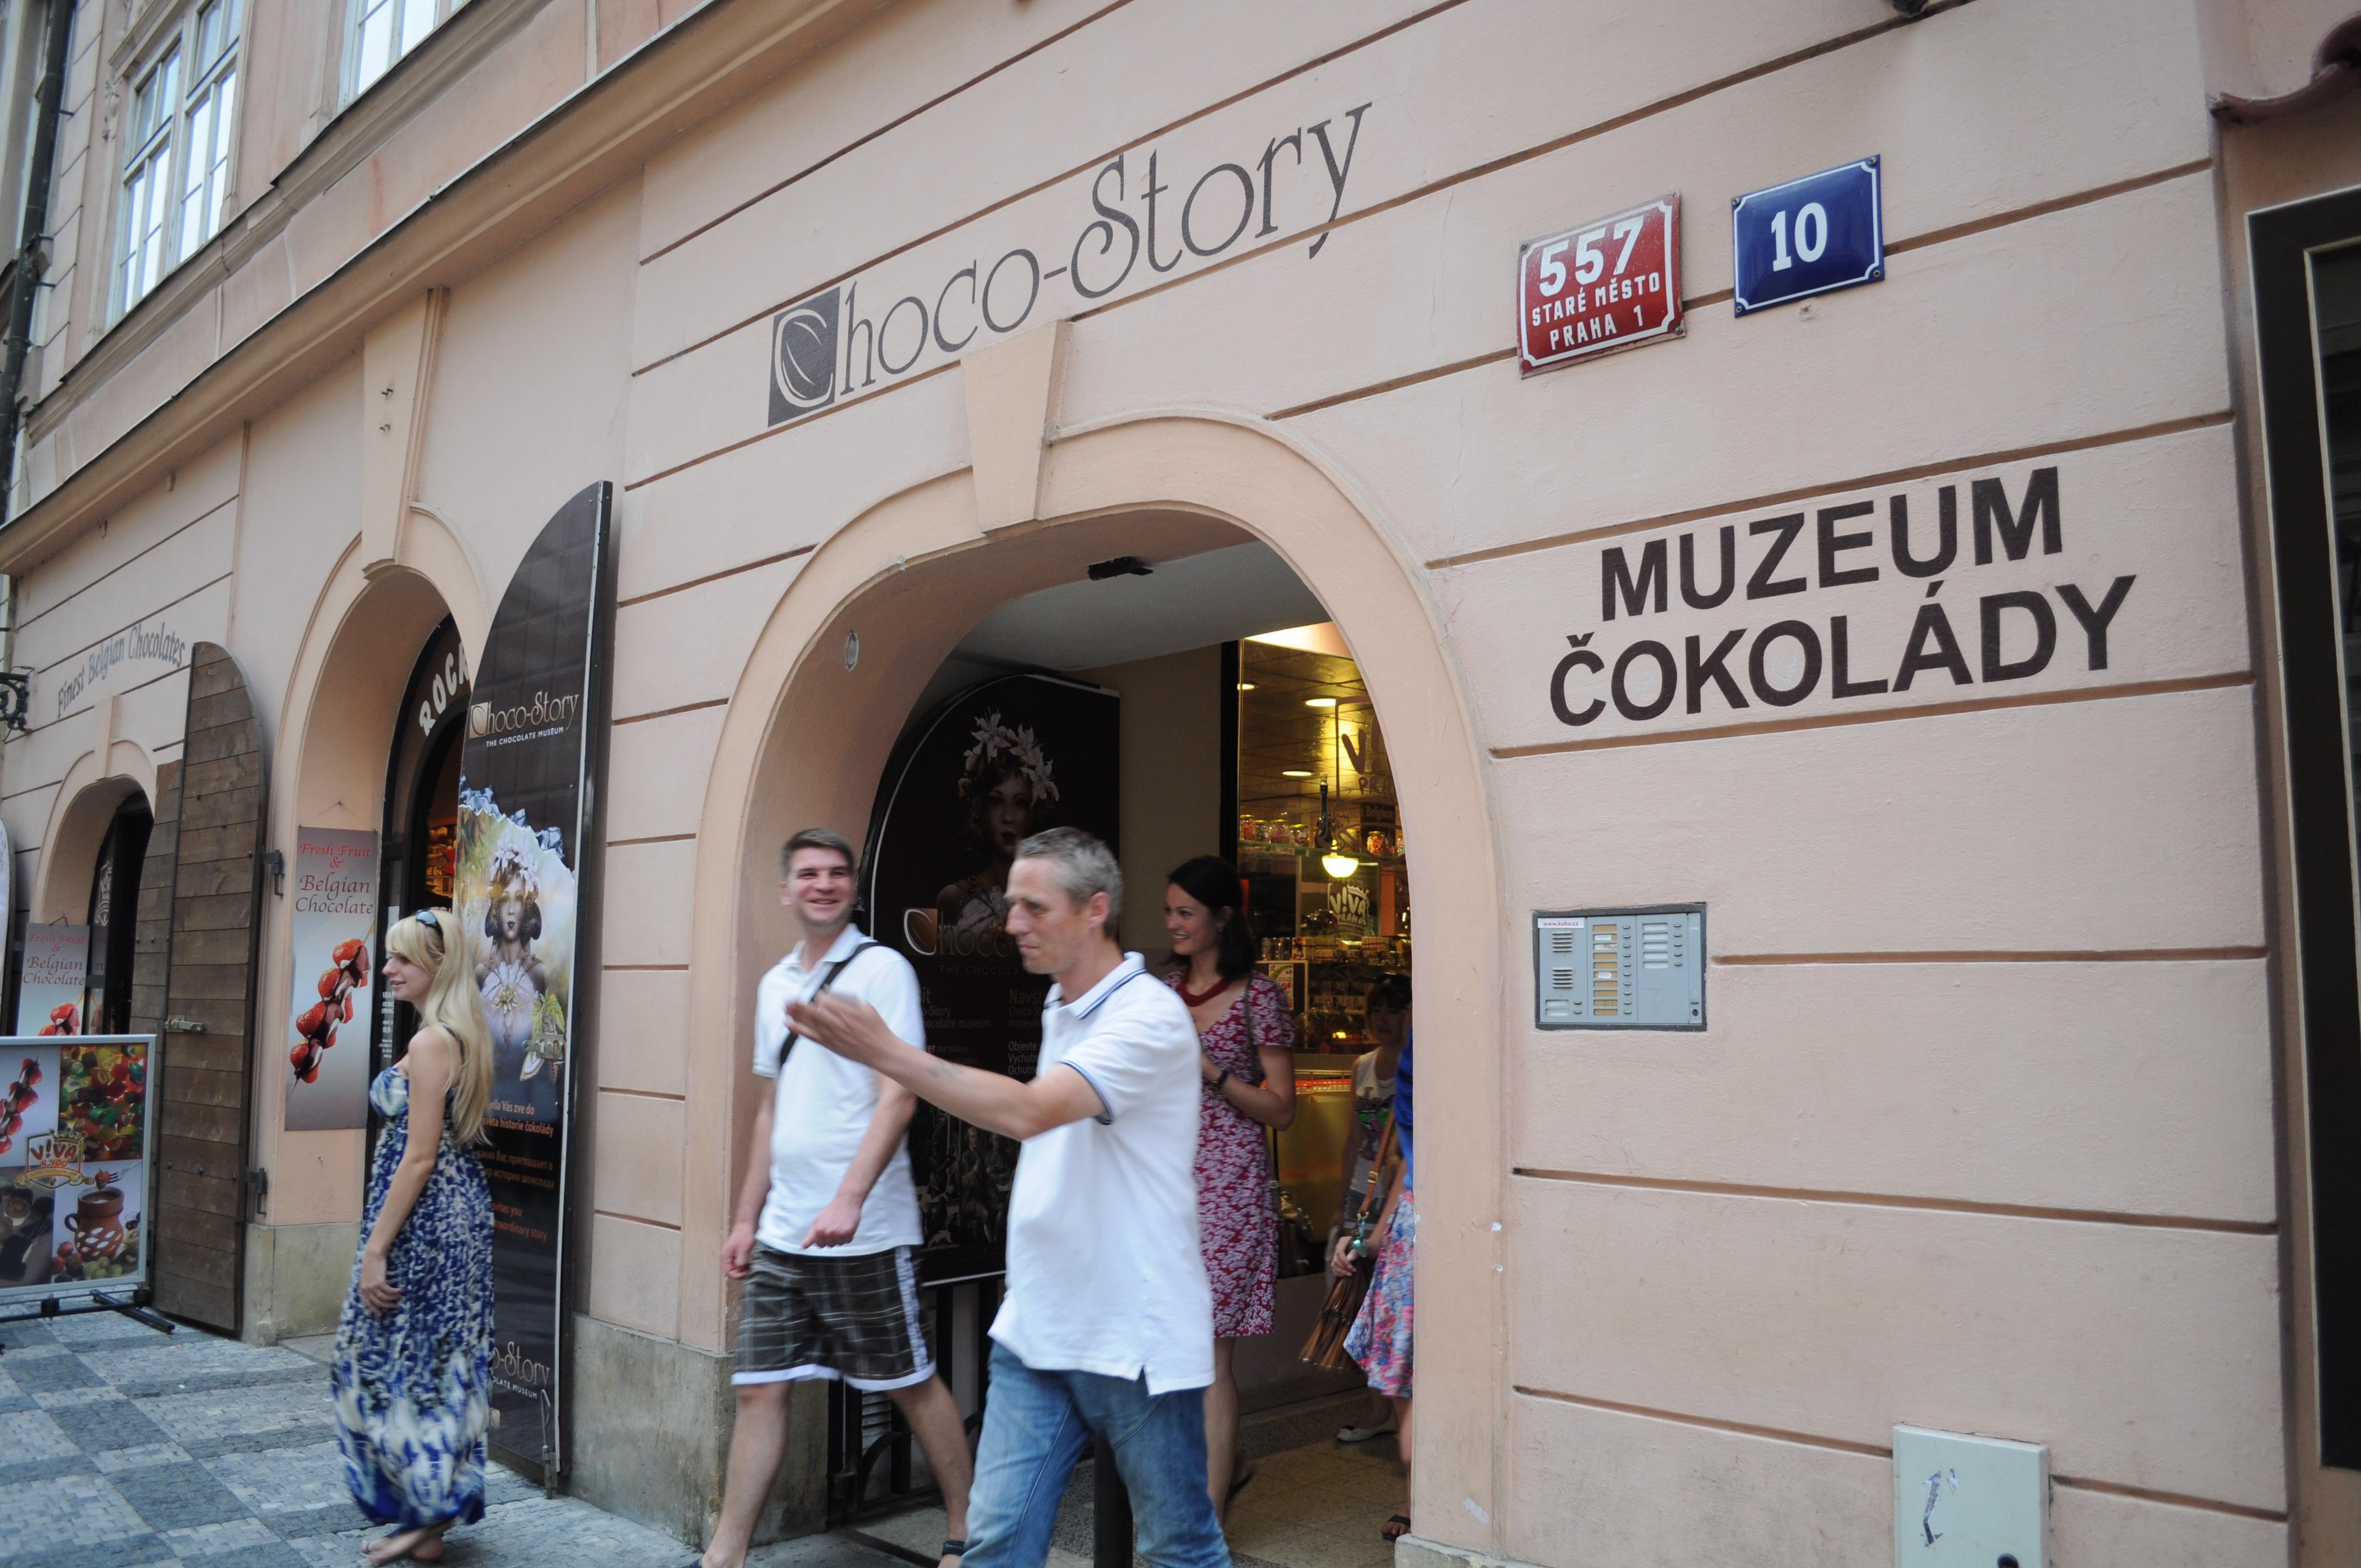 Музей шоколада Choco-Storу